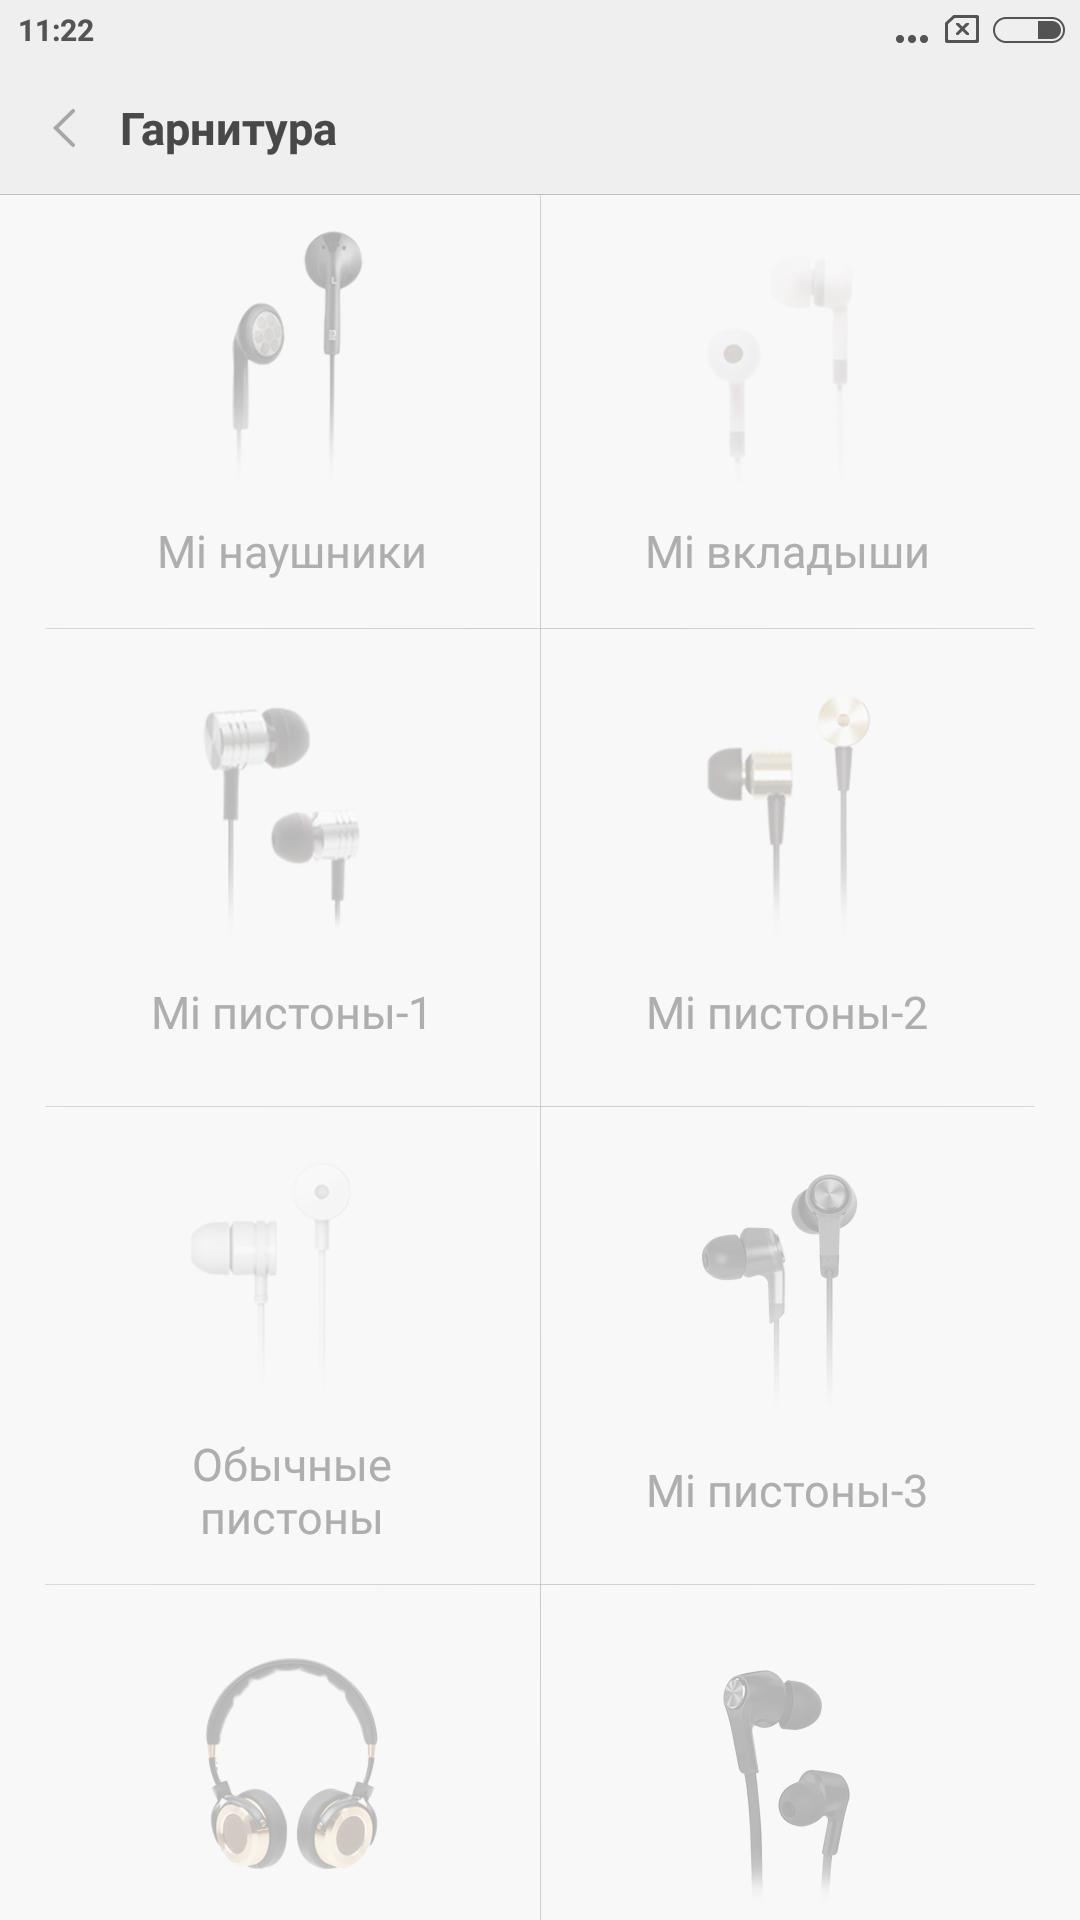 Обзор лучшего бюджетника 2015 года — Xiaomi Redmi Note 2 - 26